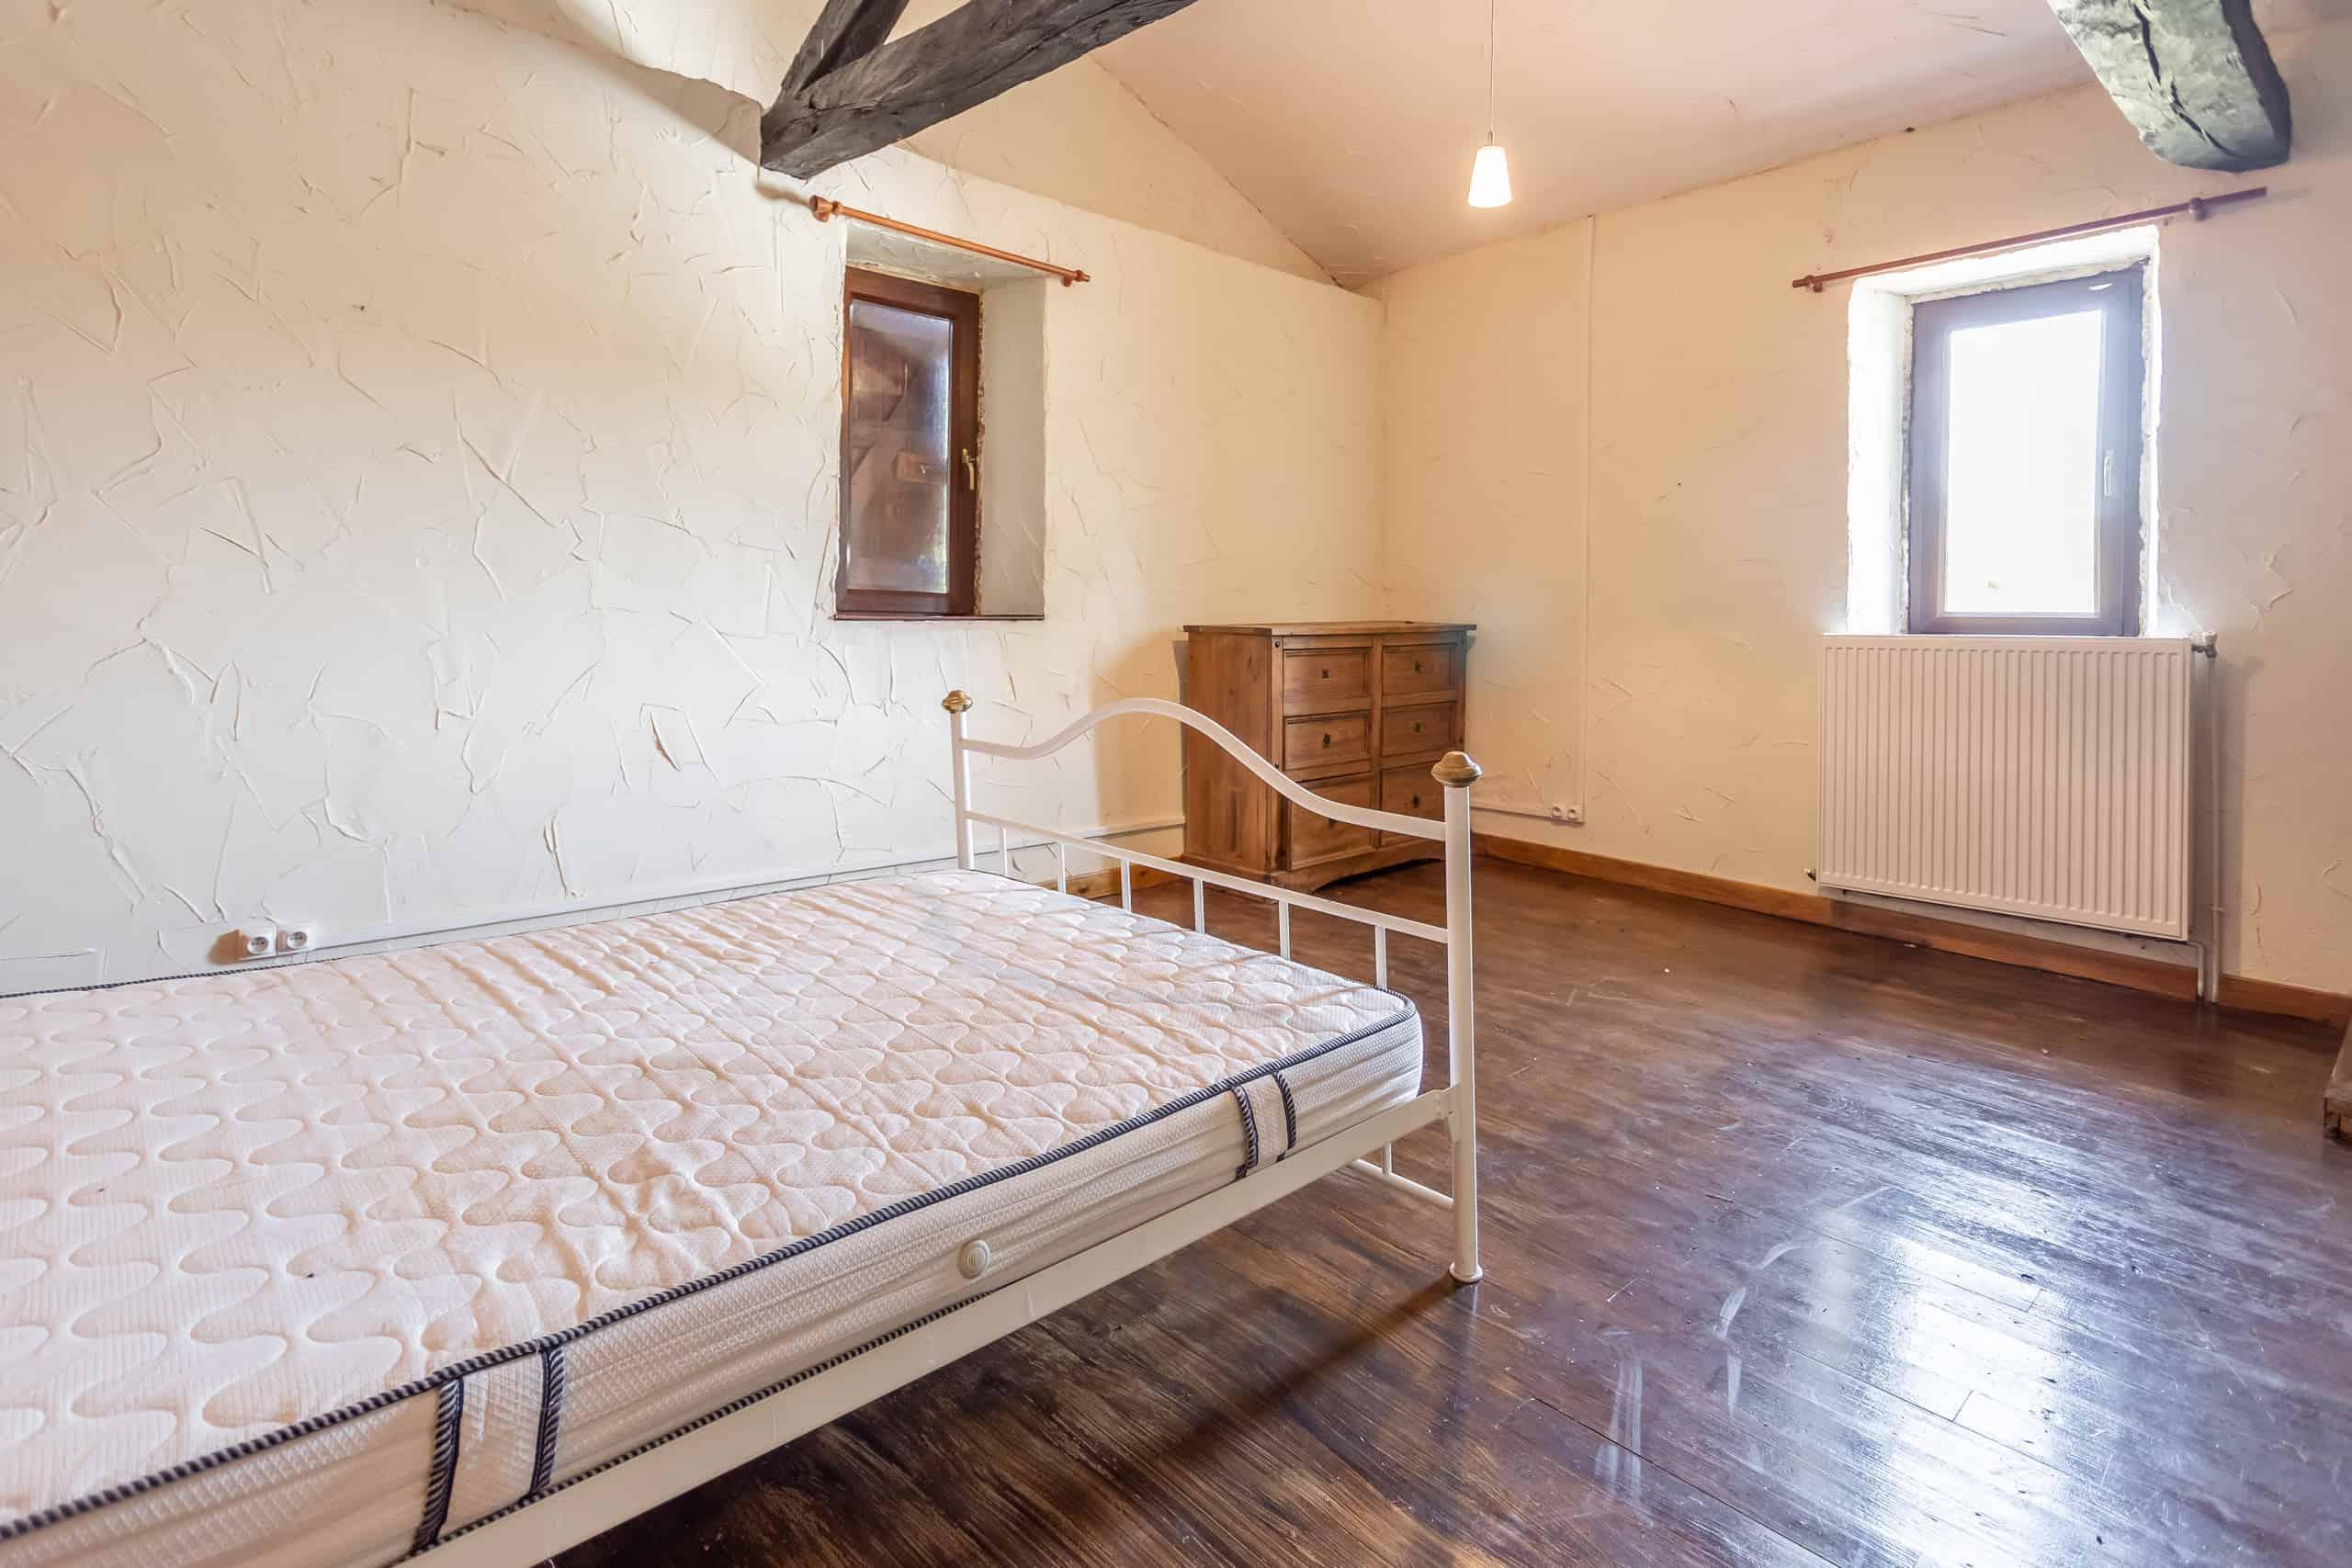 Bedroom-WMC023